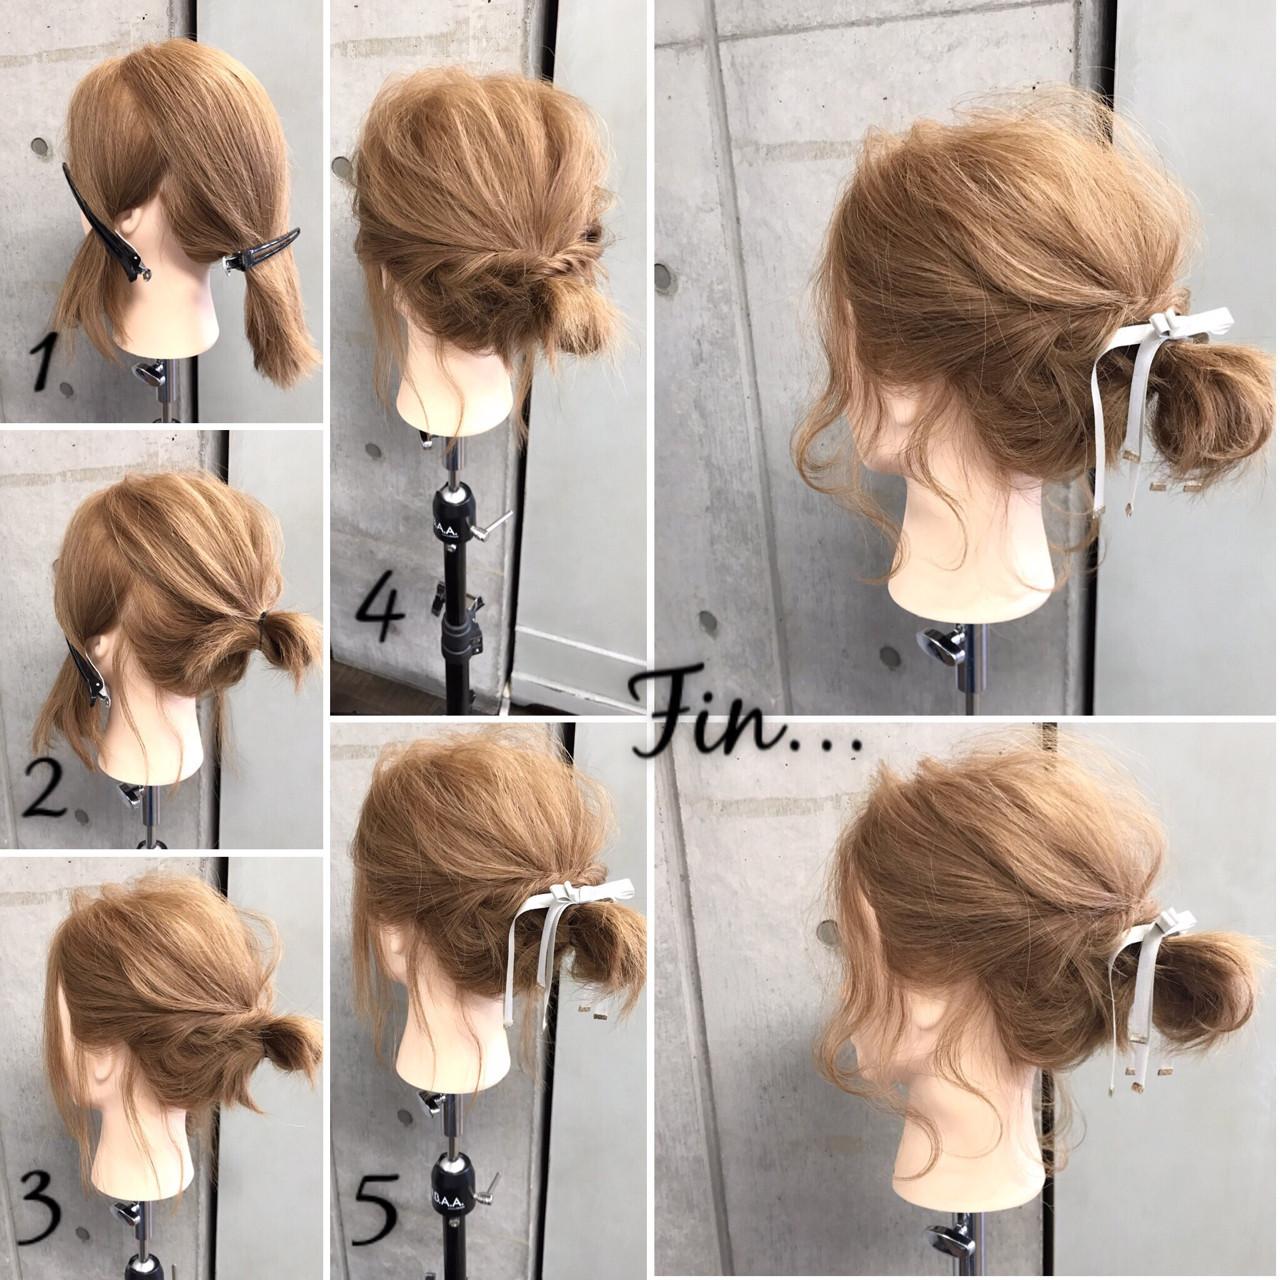 大人女子 ナチュラル ボブ 簡単 ヘアスタイルや髪型の写真・画像